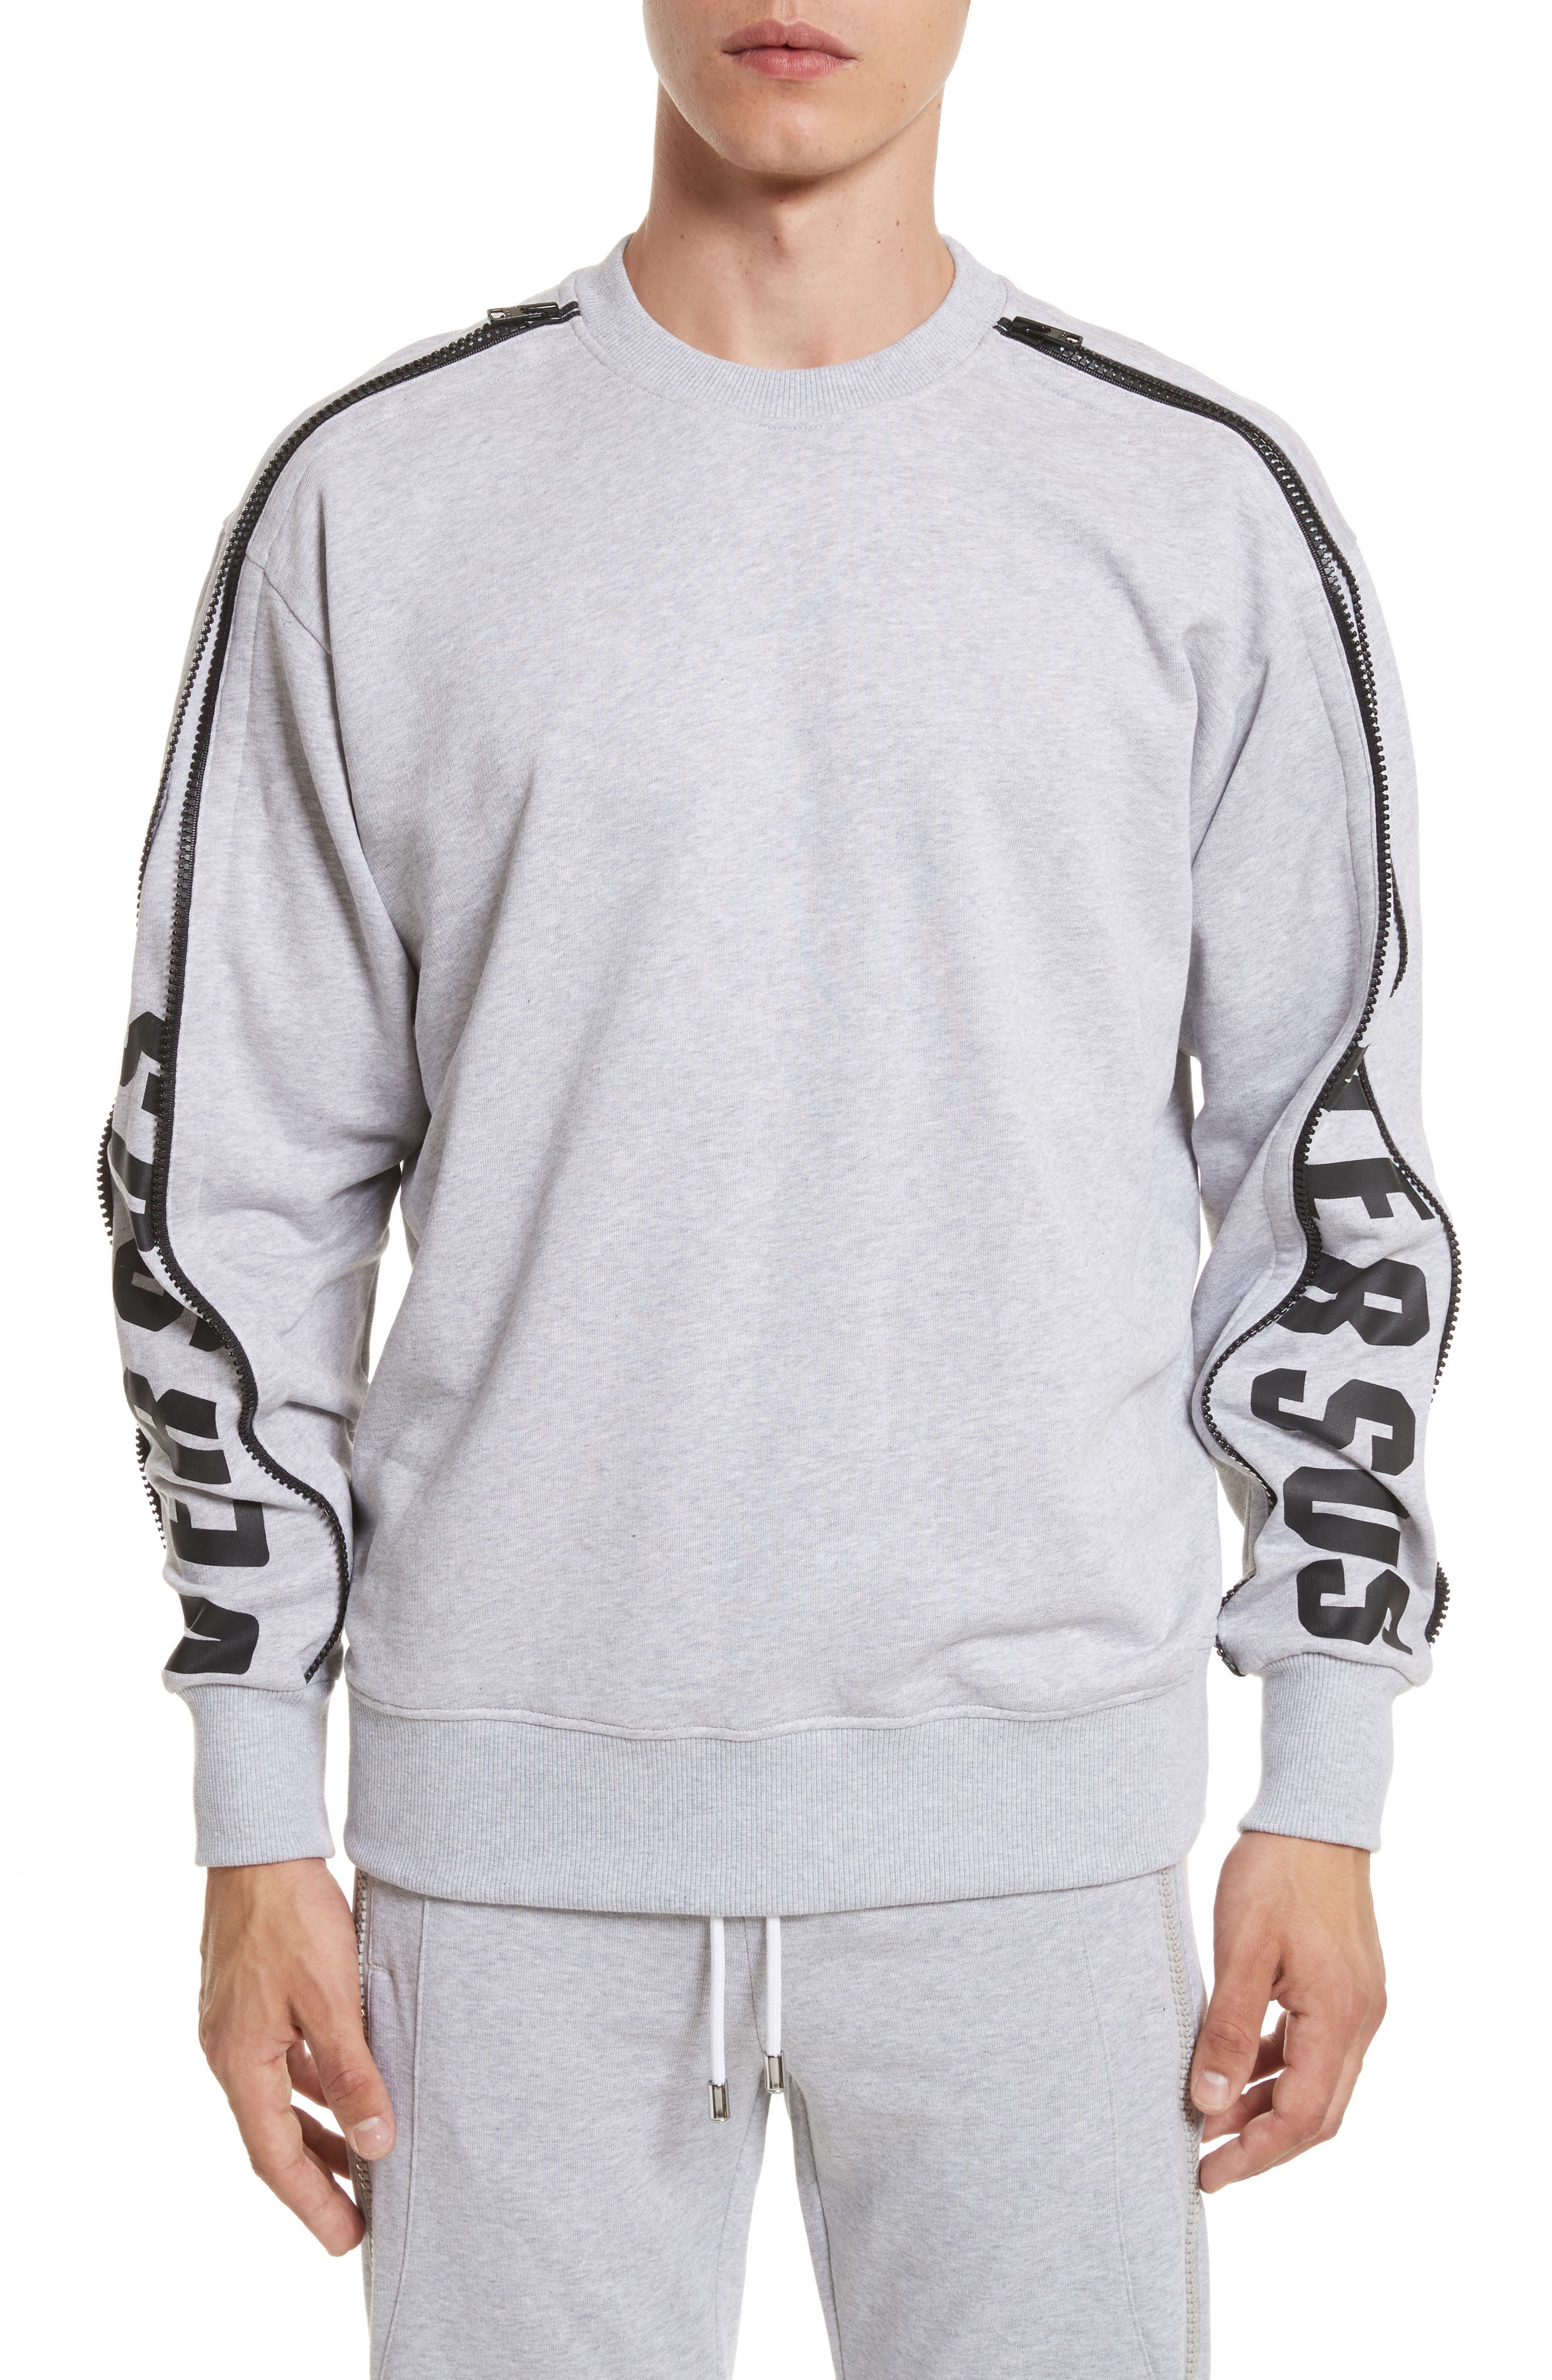 VERSUS by Versace Zip Sleeve Crewneck Sweatshirt,                         Main,                         color, Grey